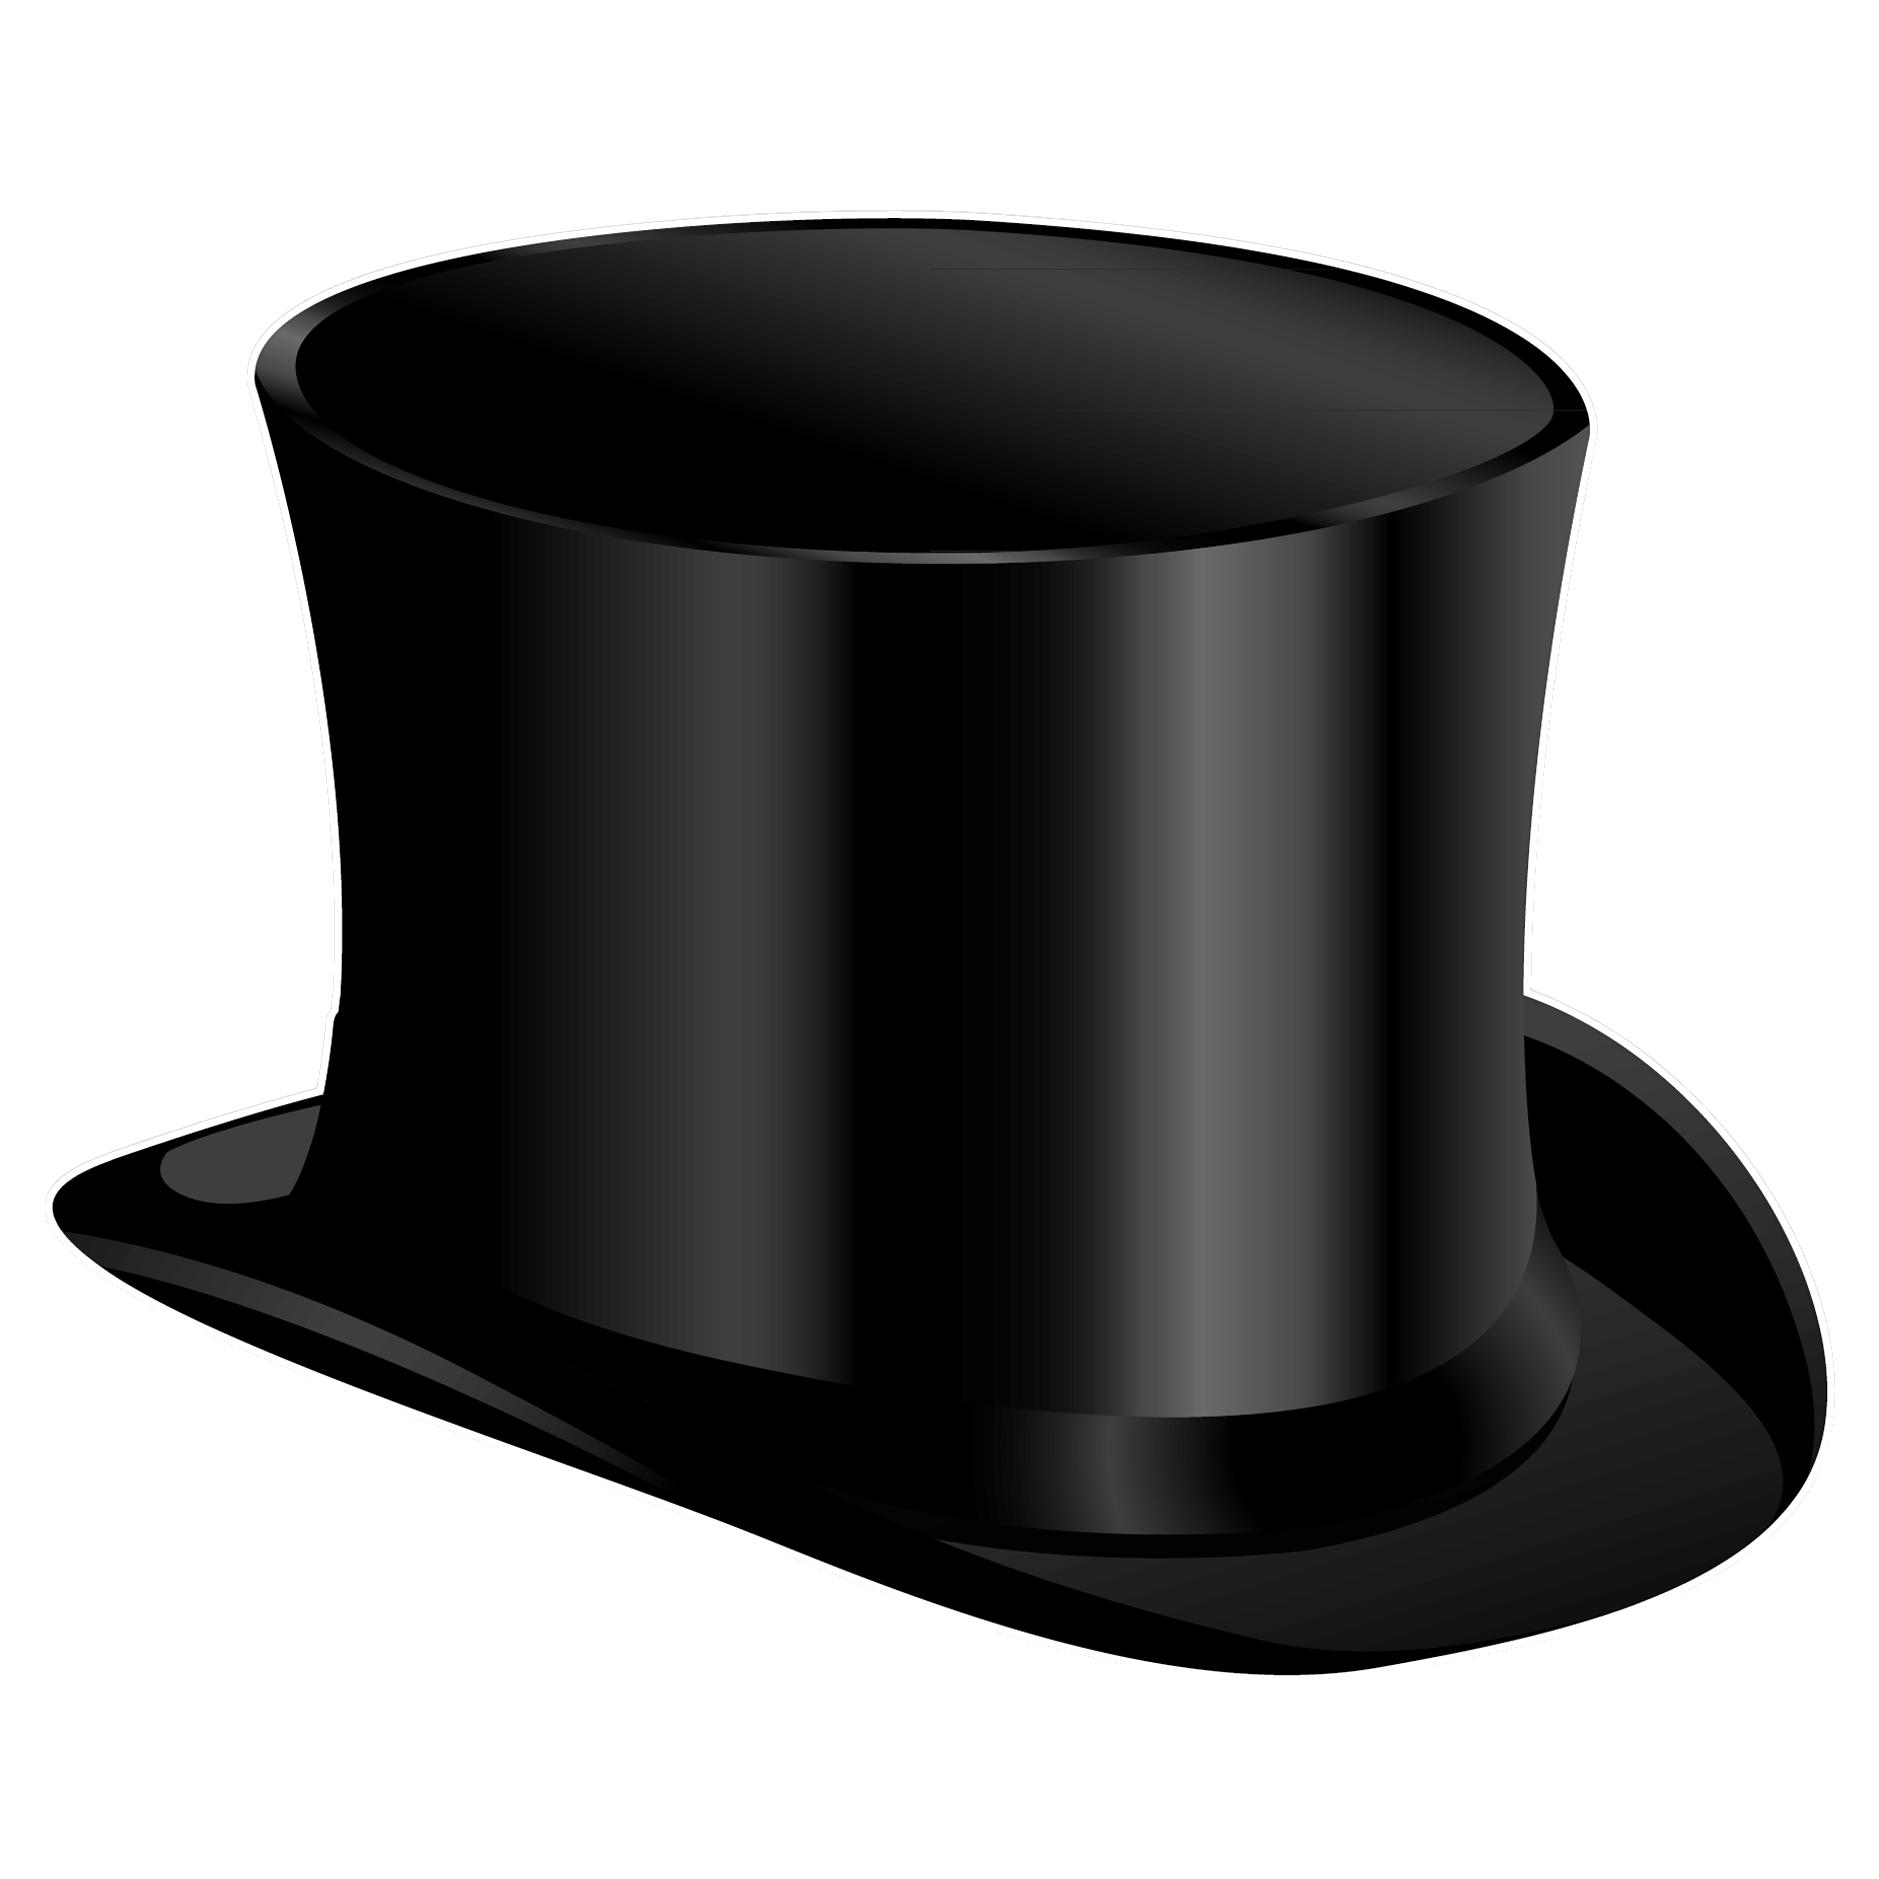 Top Hat Transparent Png (+).